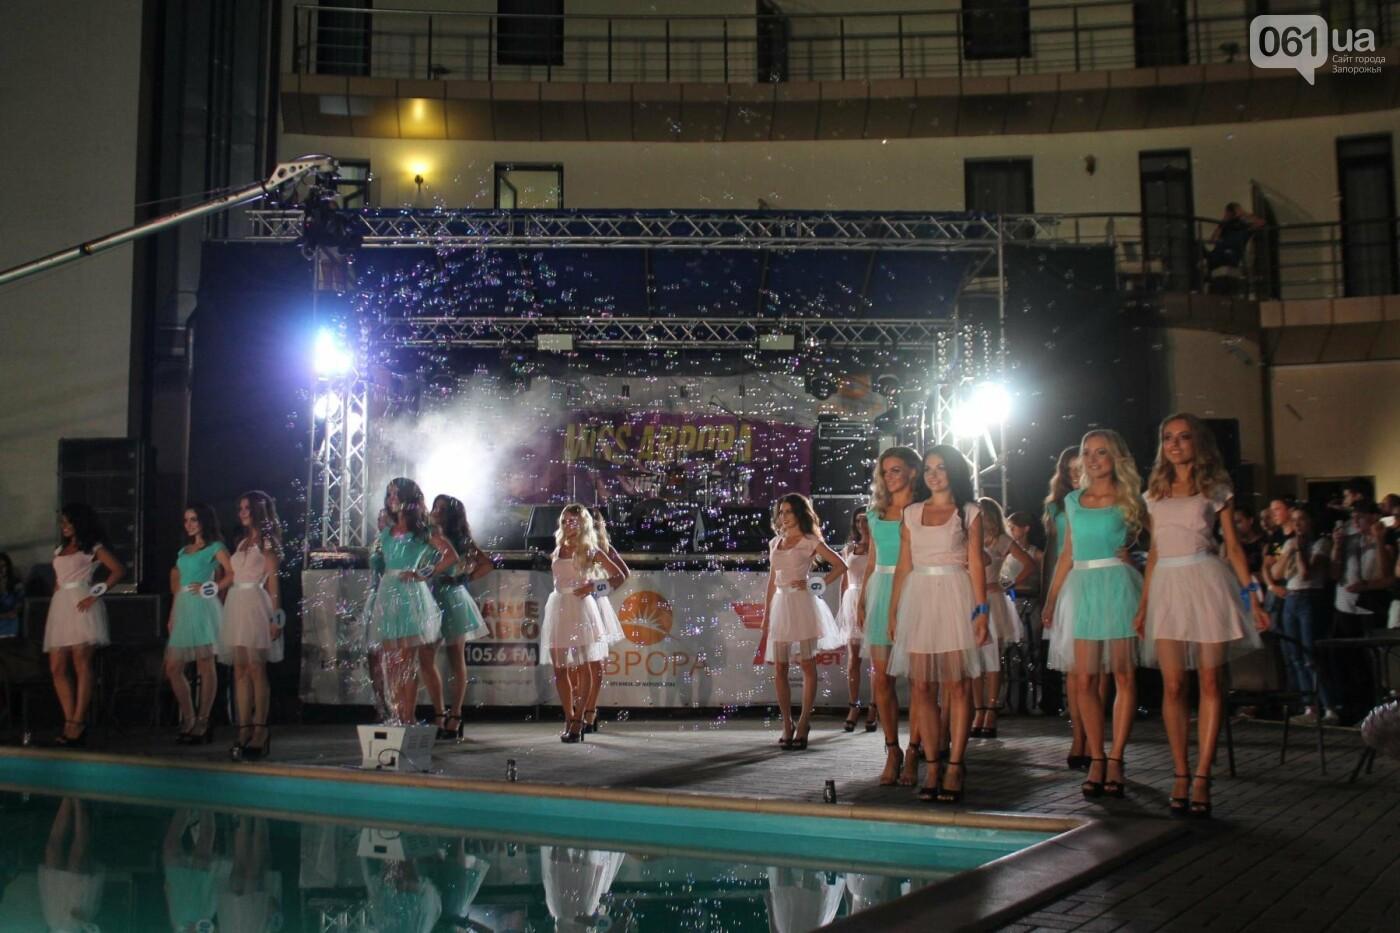 «Miss AVRORA Summer 2018»: в Запорожье на конкурсе красоты выбрали самую красивую девушку, – ФОТОРЕПОРТАЖ, фото-11